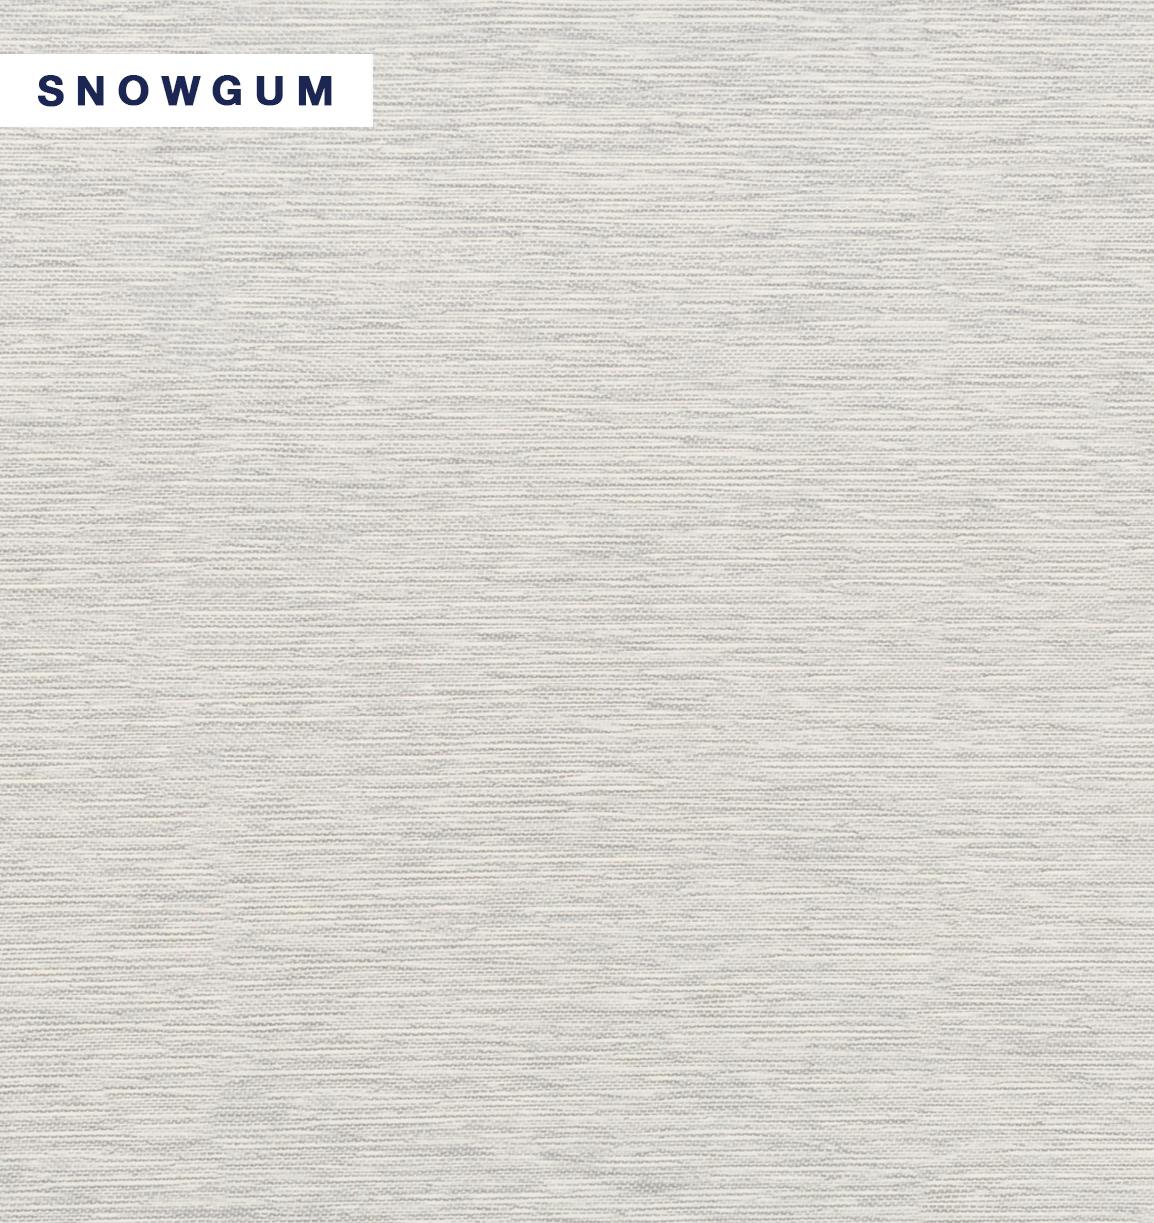 Zara - Snowgum.jpg